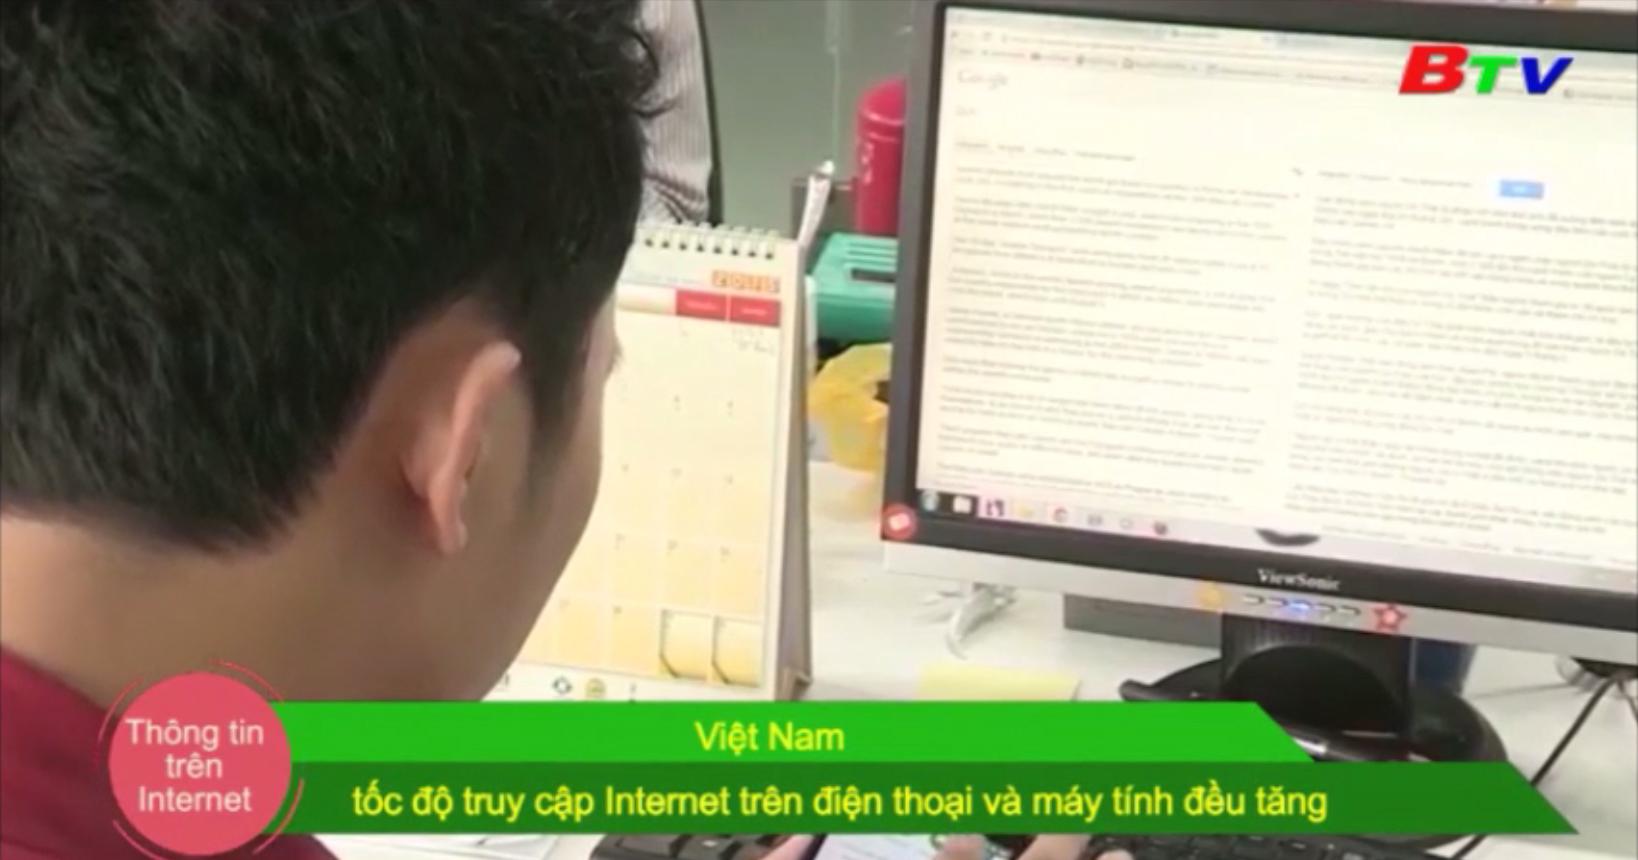 Việt Nam - Tốc độ truy cập internet trên điện thoại và máy tính đều tăng